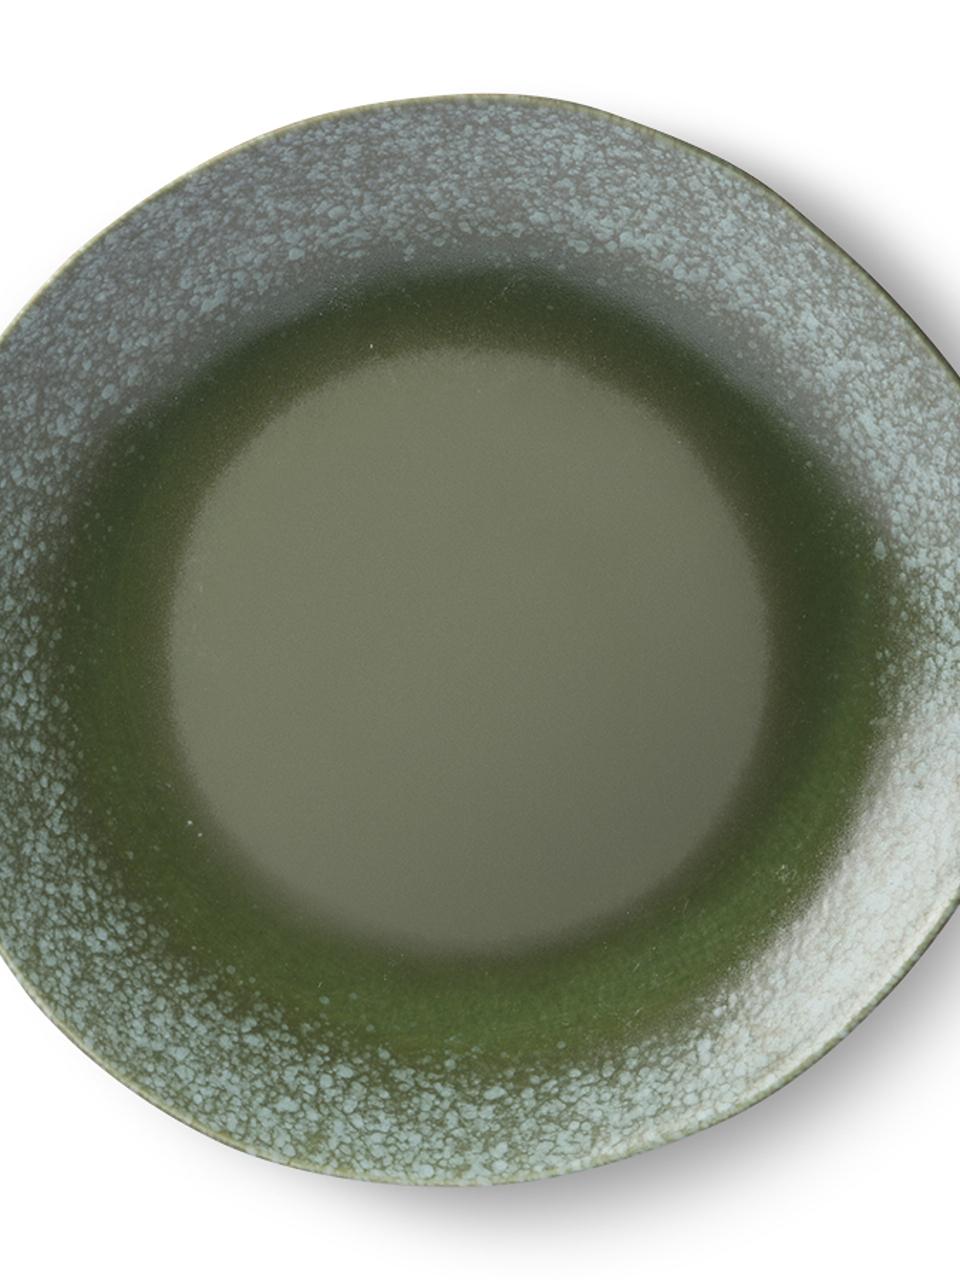 PLATE CERAMIC 70's DINNER